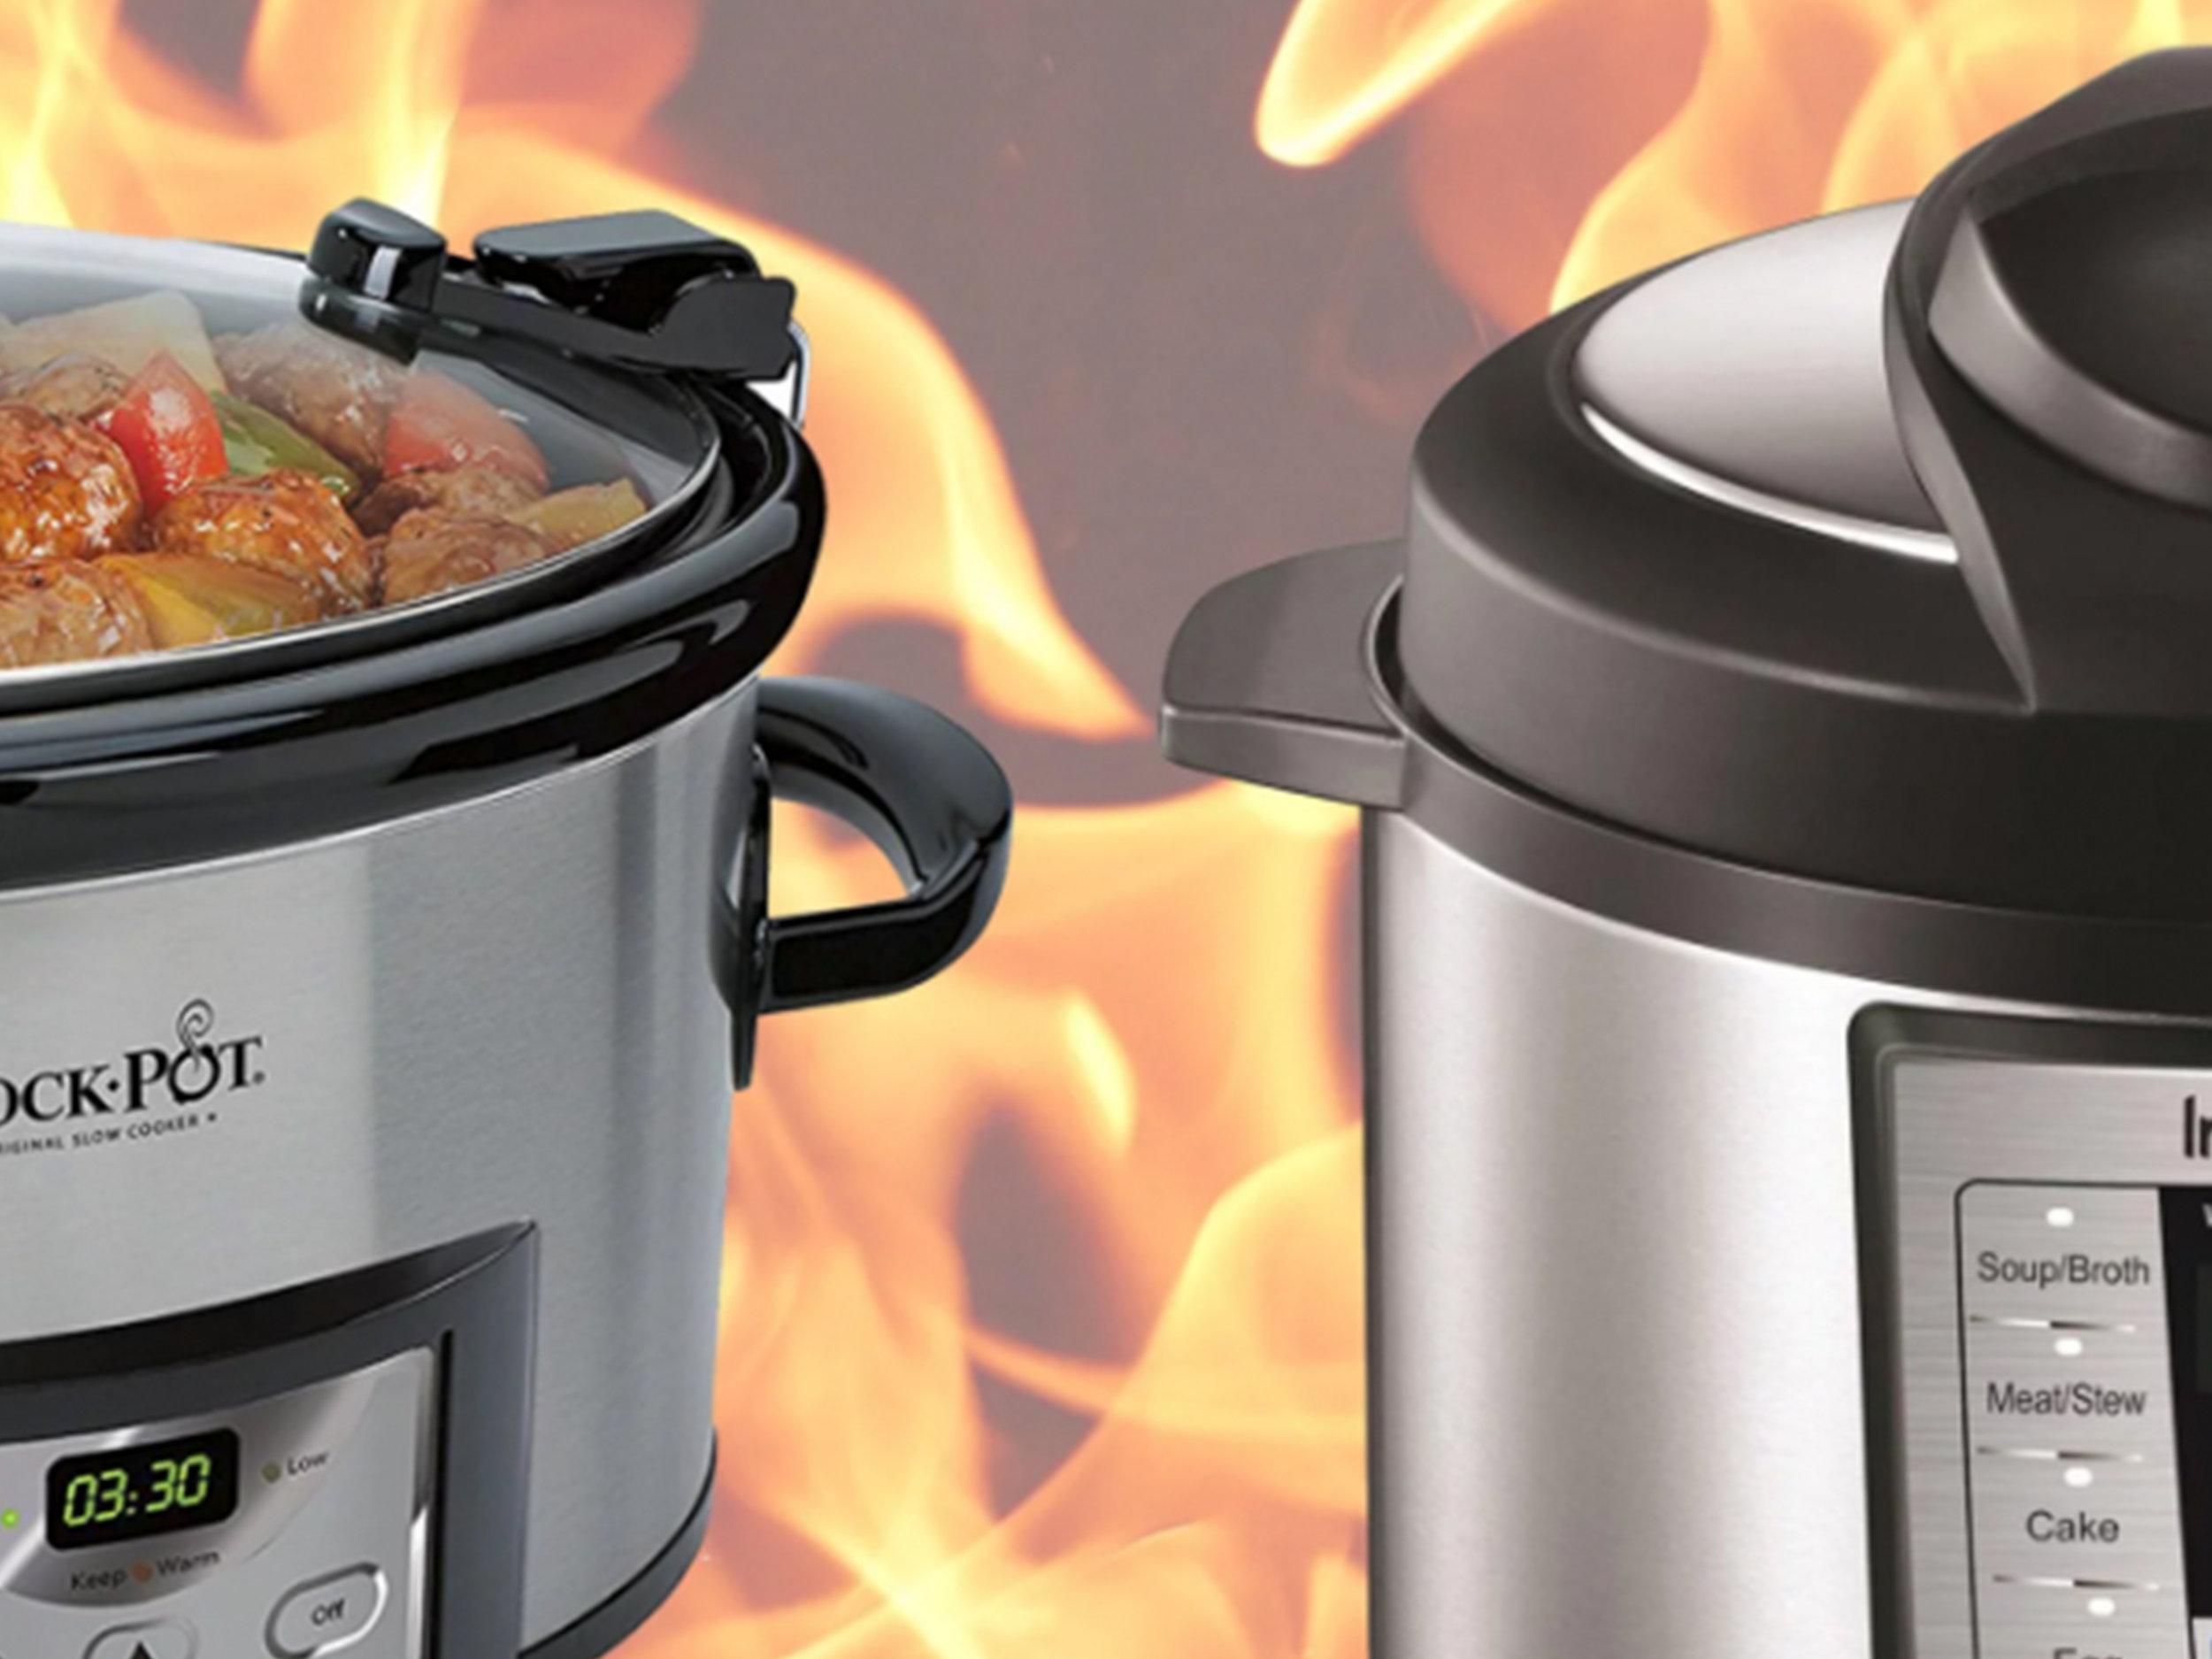 Crockpot Vs. Instant Pot